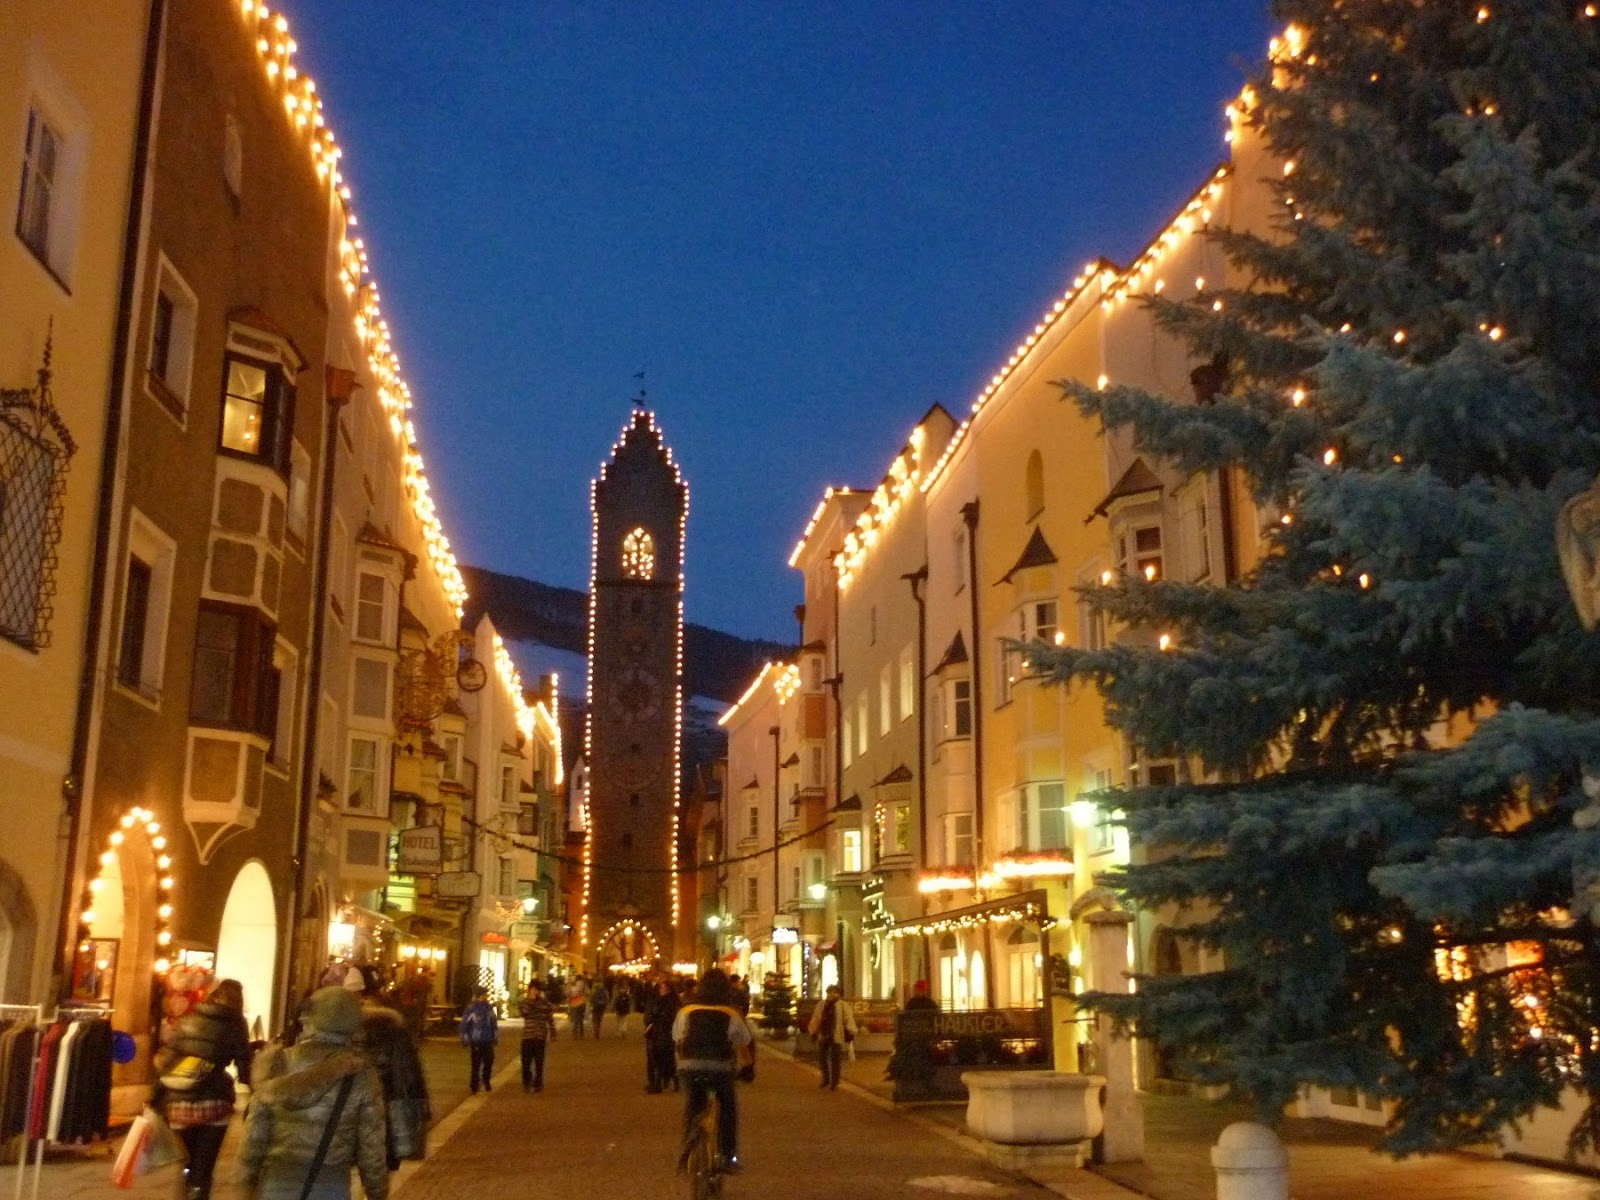 Immagini Mercatini Di Natale Vipiteno.I Mercatini Di Natale In Alto Adige Quali Vedere In Base